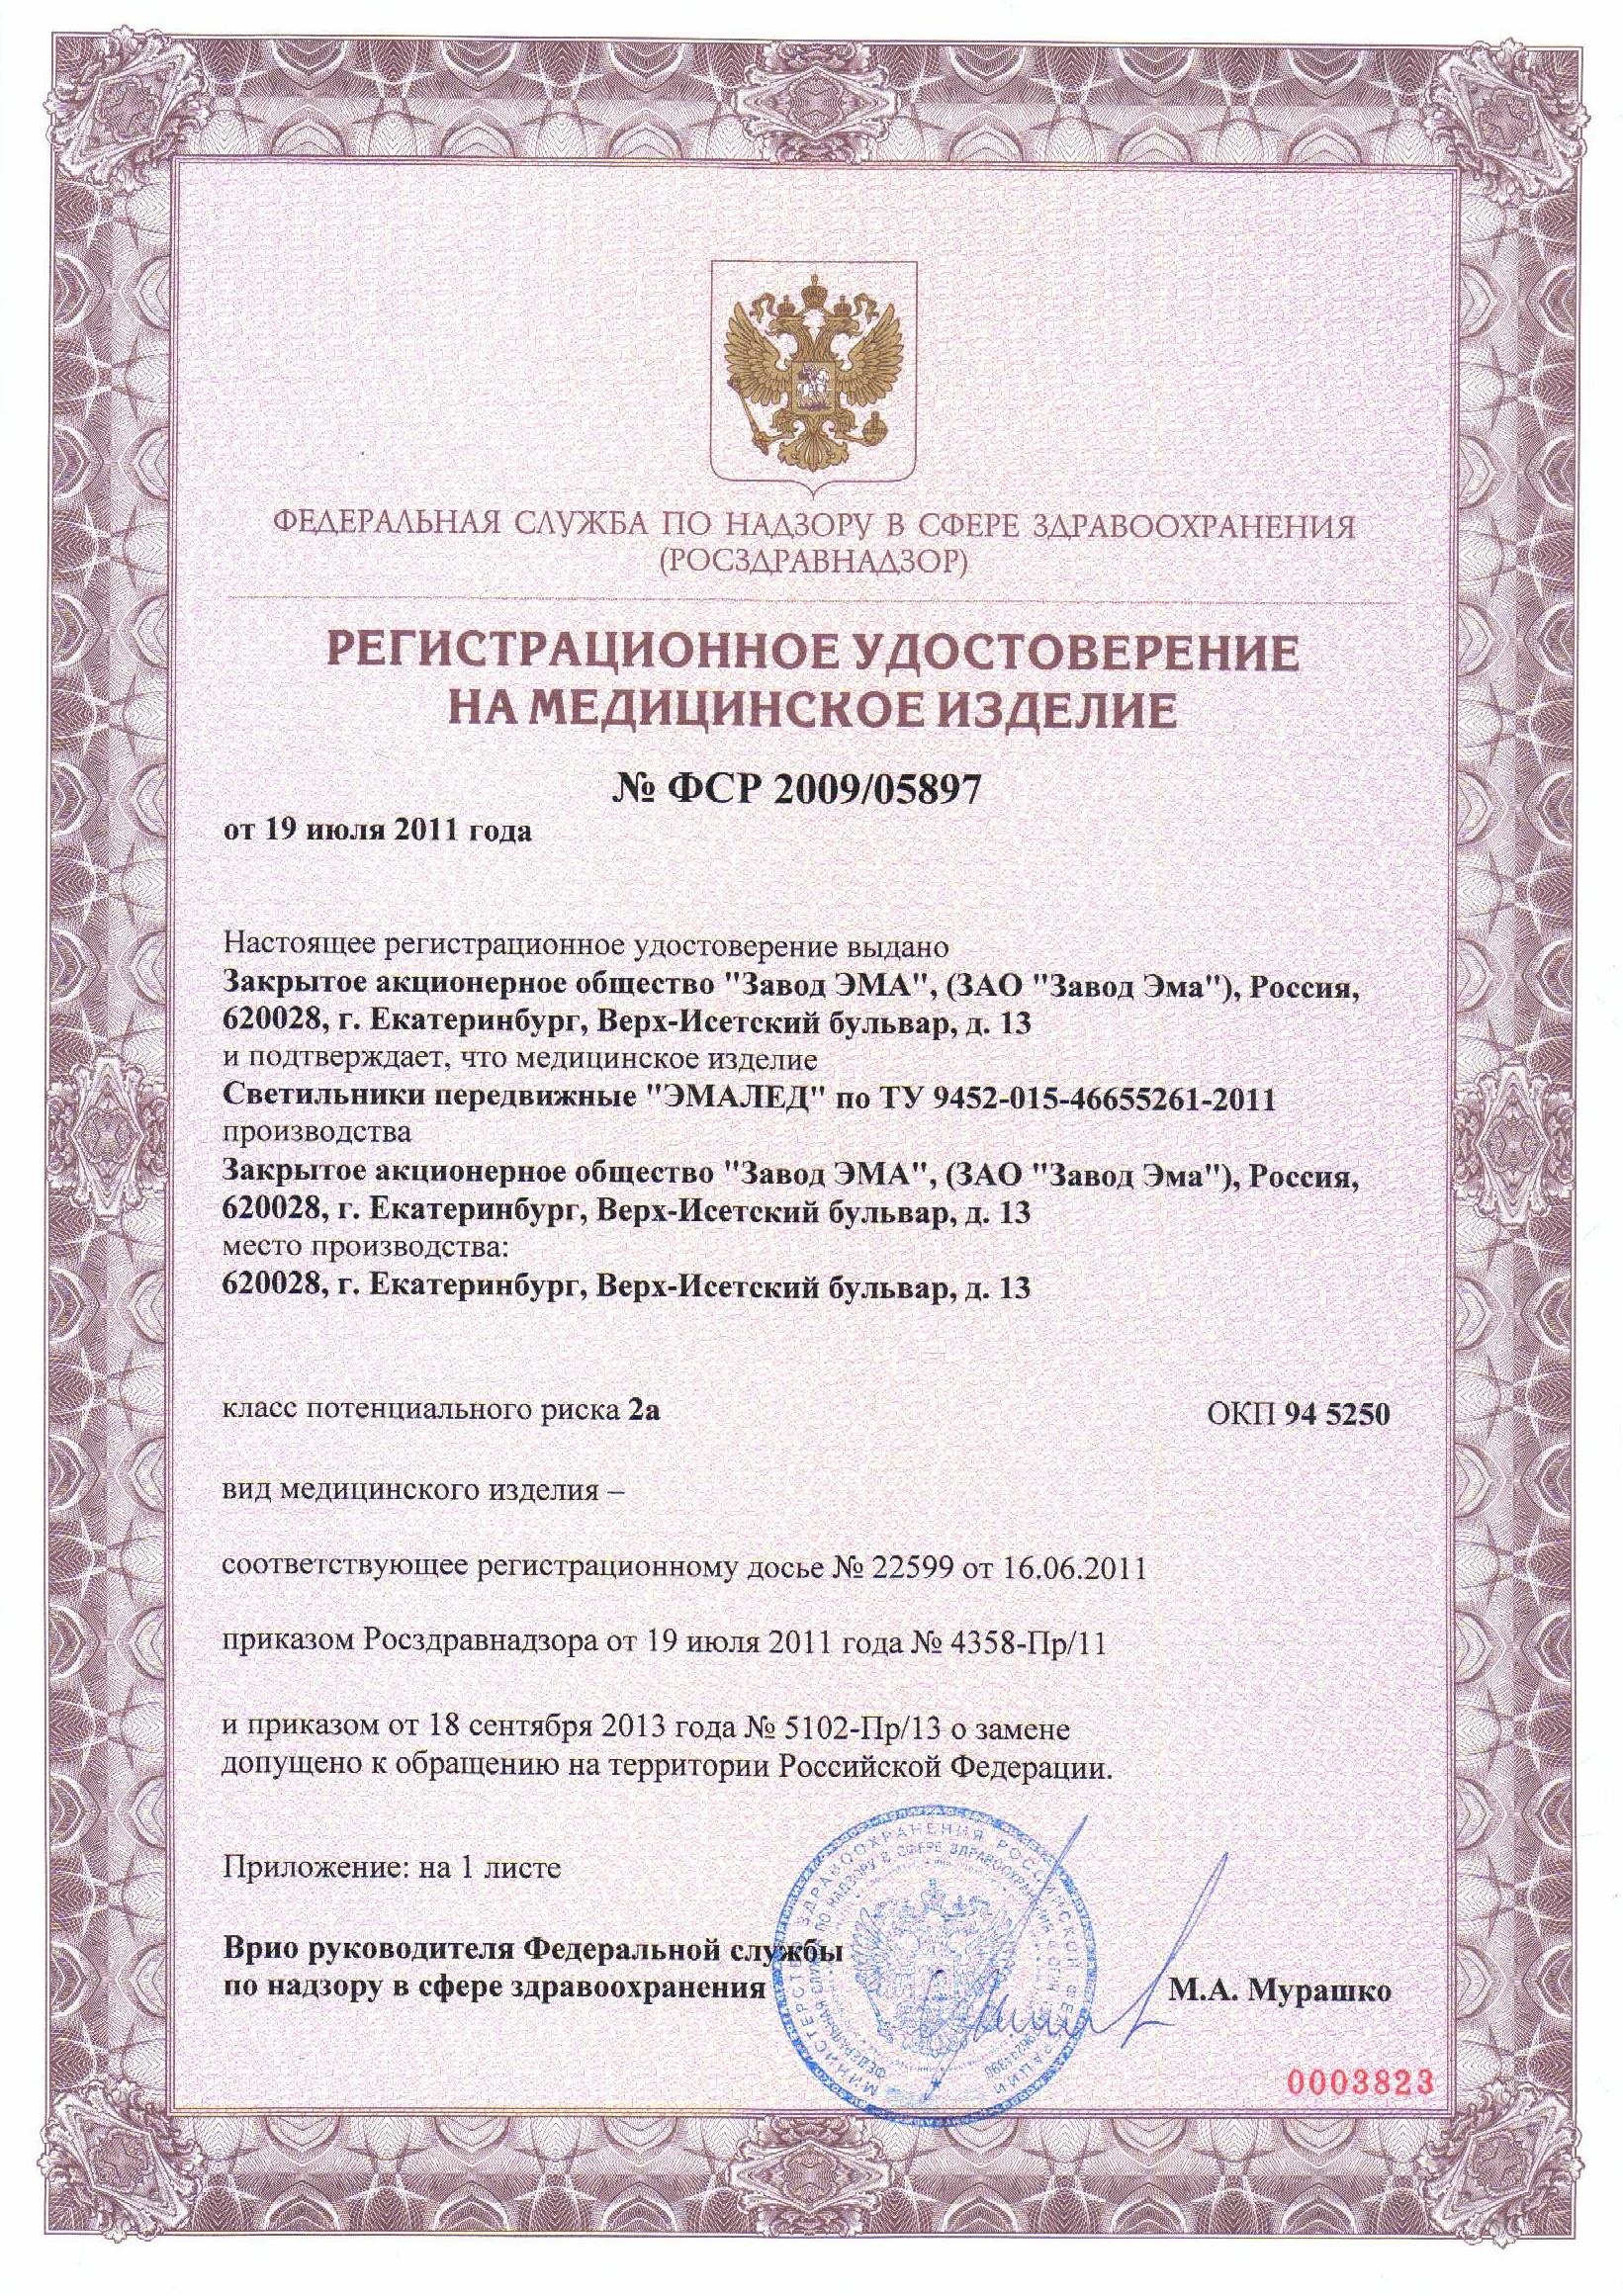 Регистрационное удостоверение на светильники передвижные ЭМАЛЕД